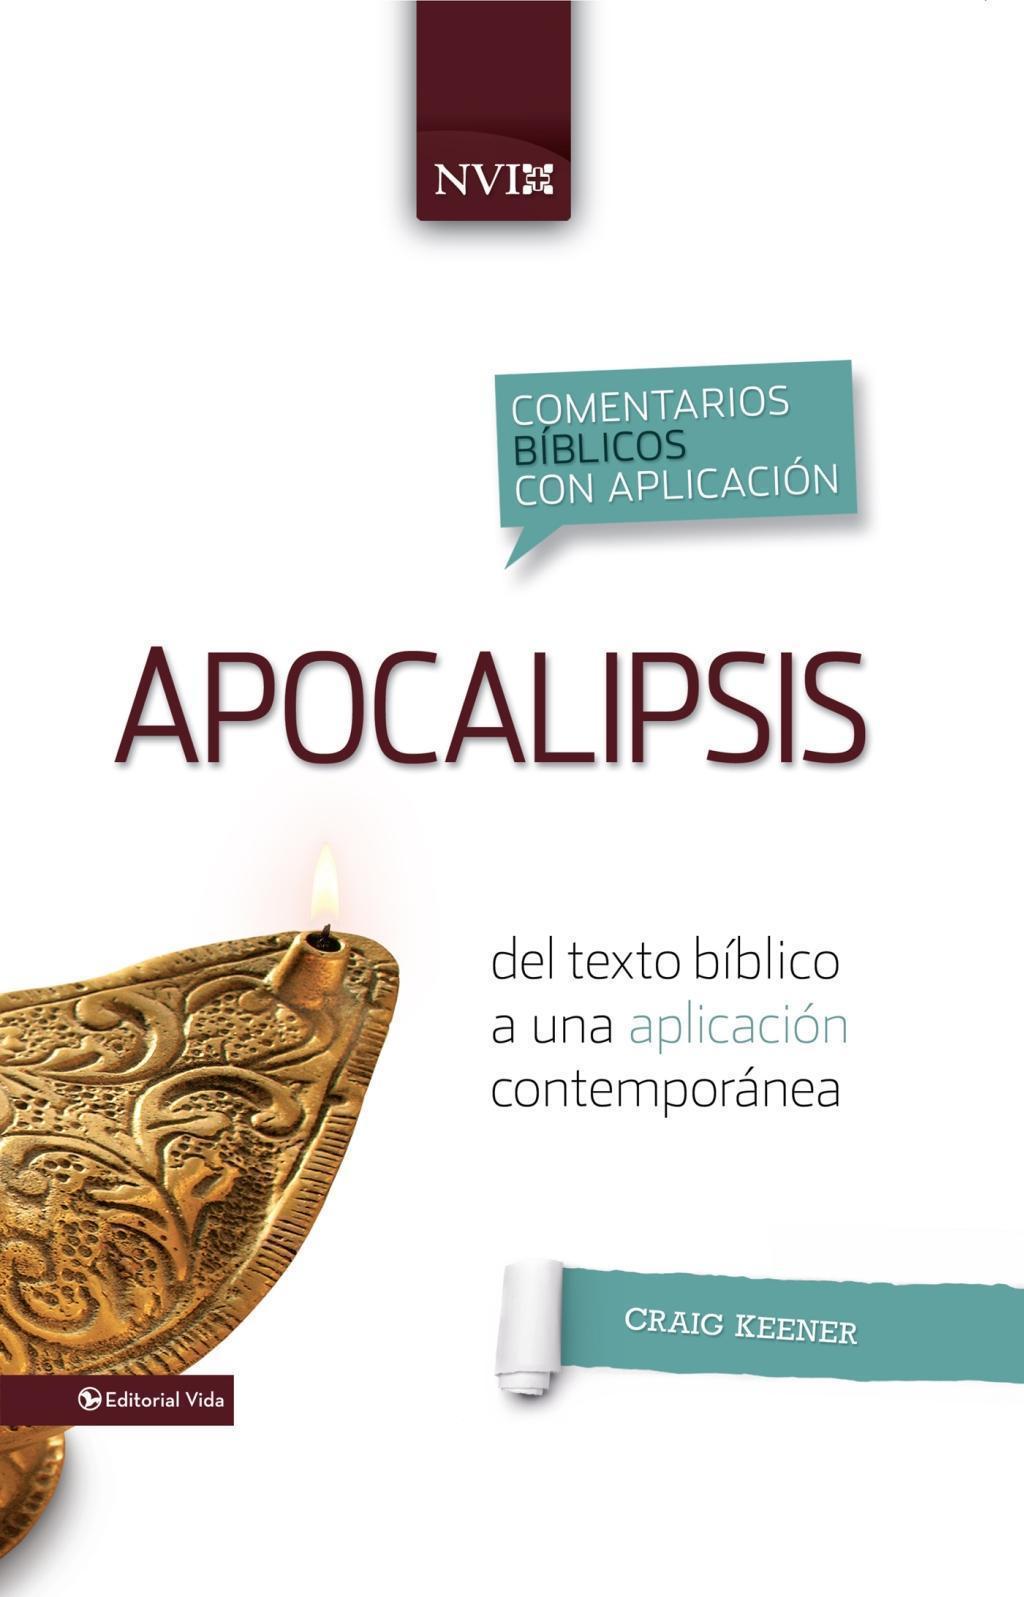 Comentario bíblico con aplicacion NVI Apocalipsis